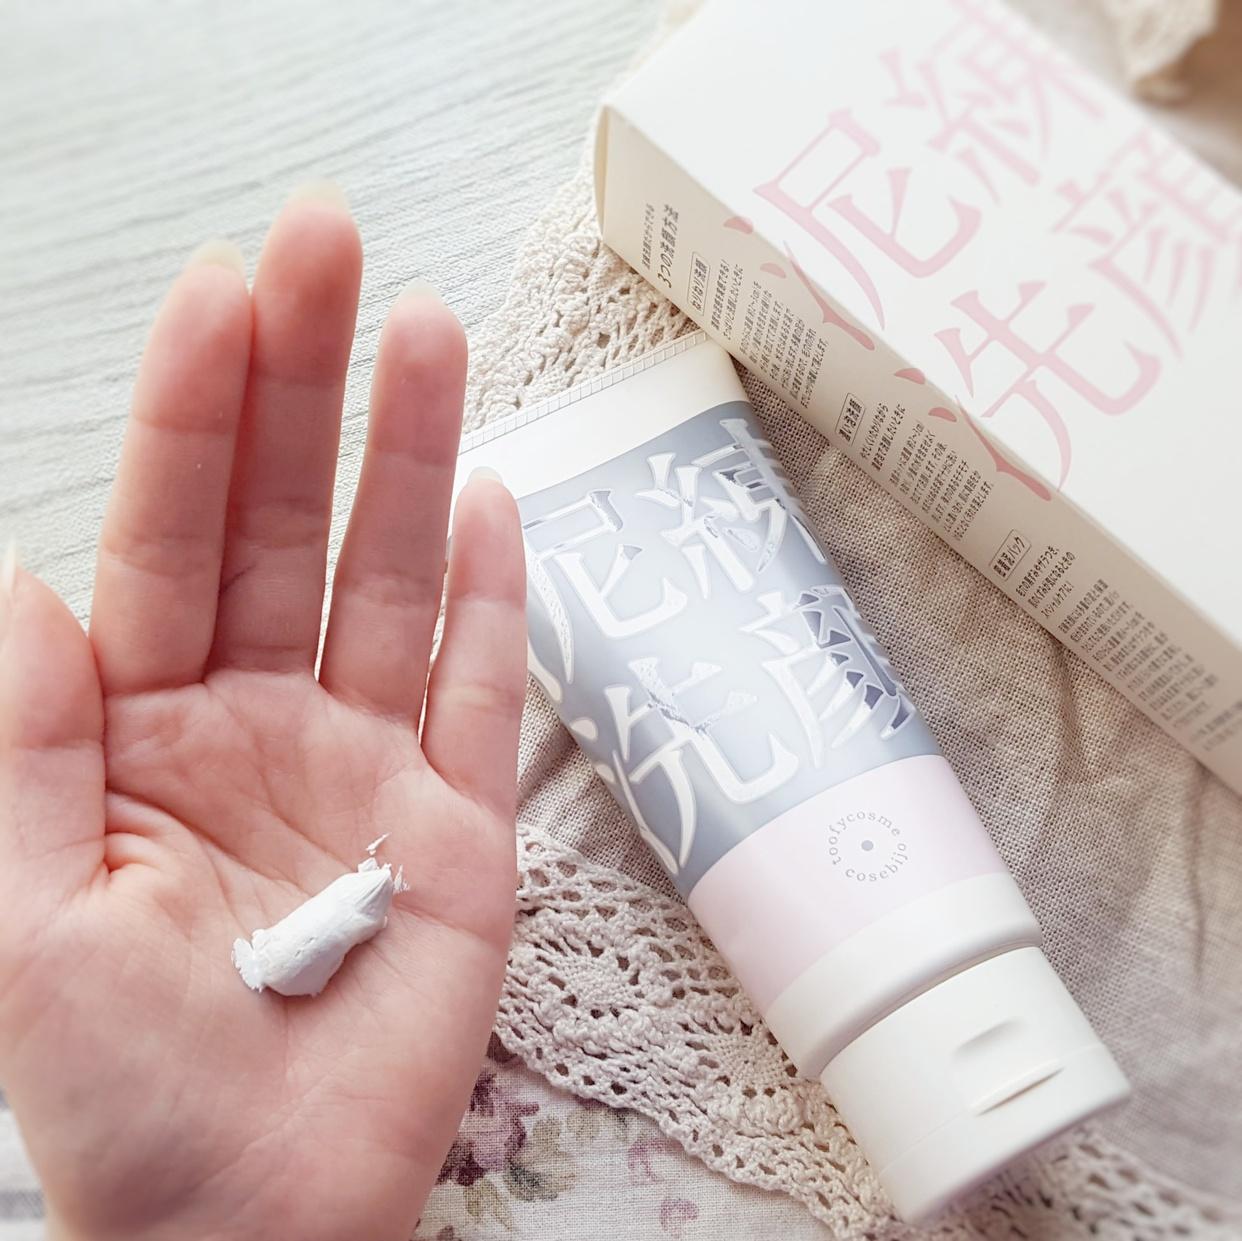 泥練洗顔 泥練洗顔を使った銀麦さんのクチコミ画像3